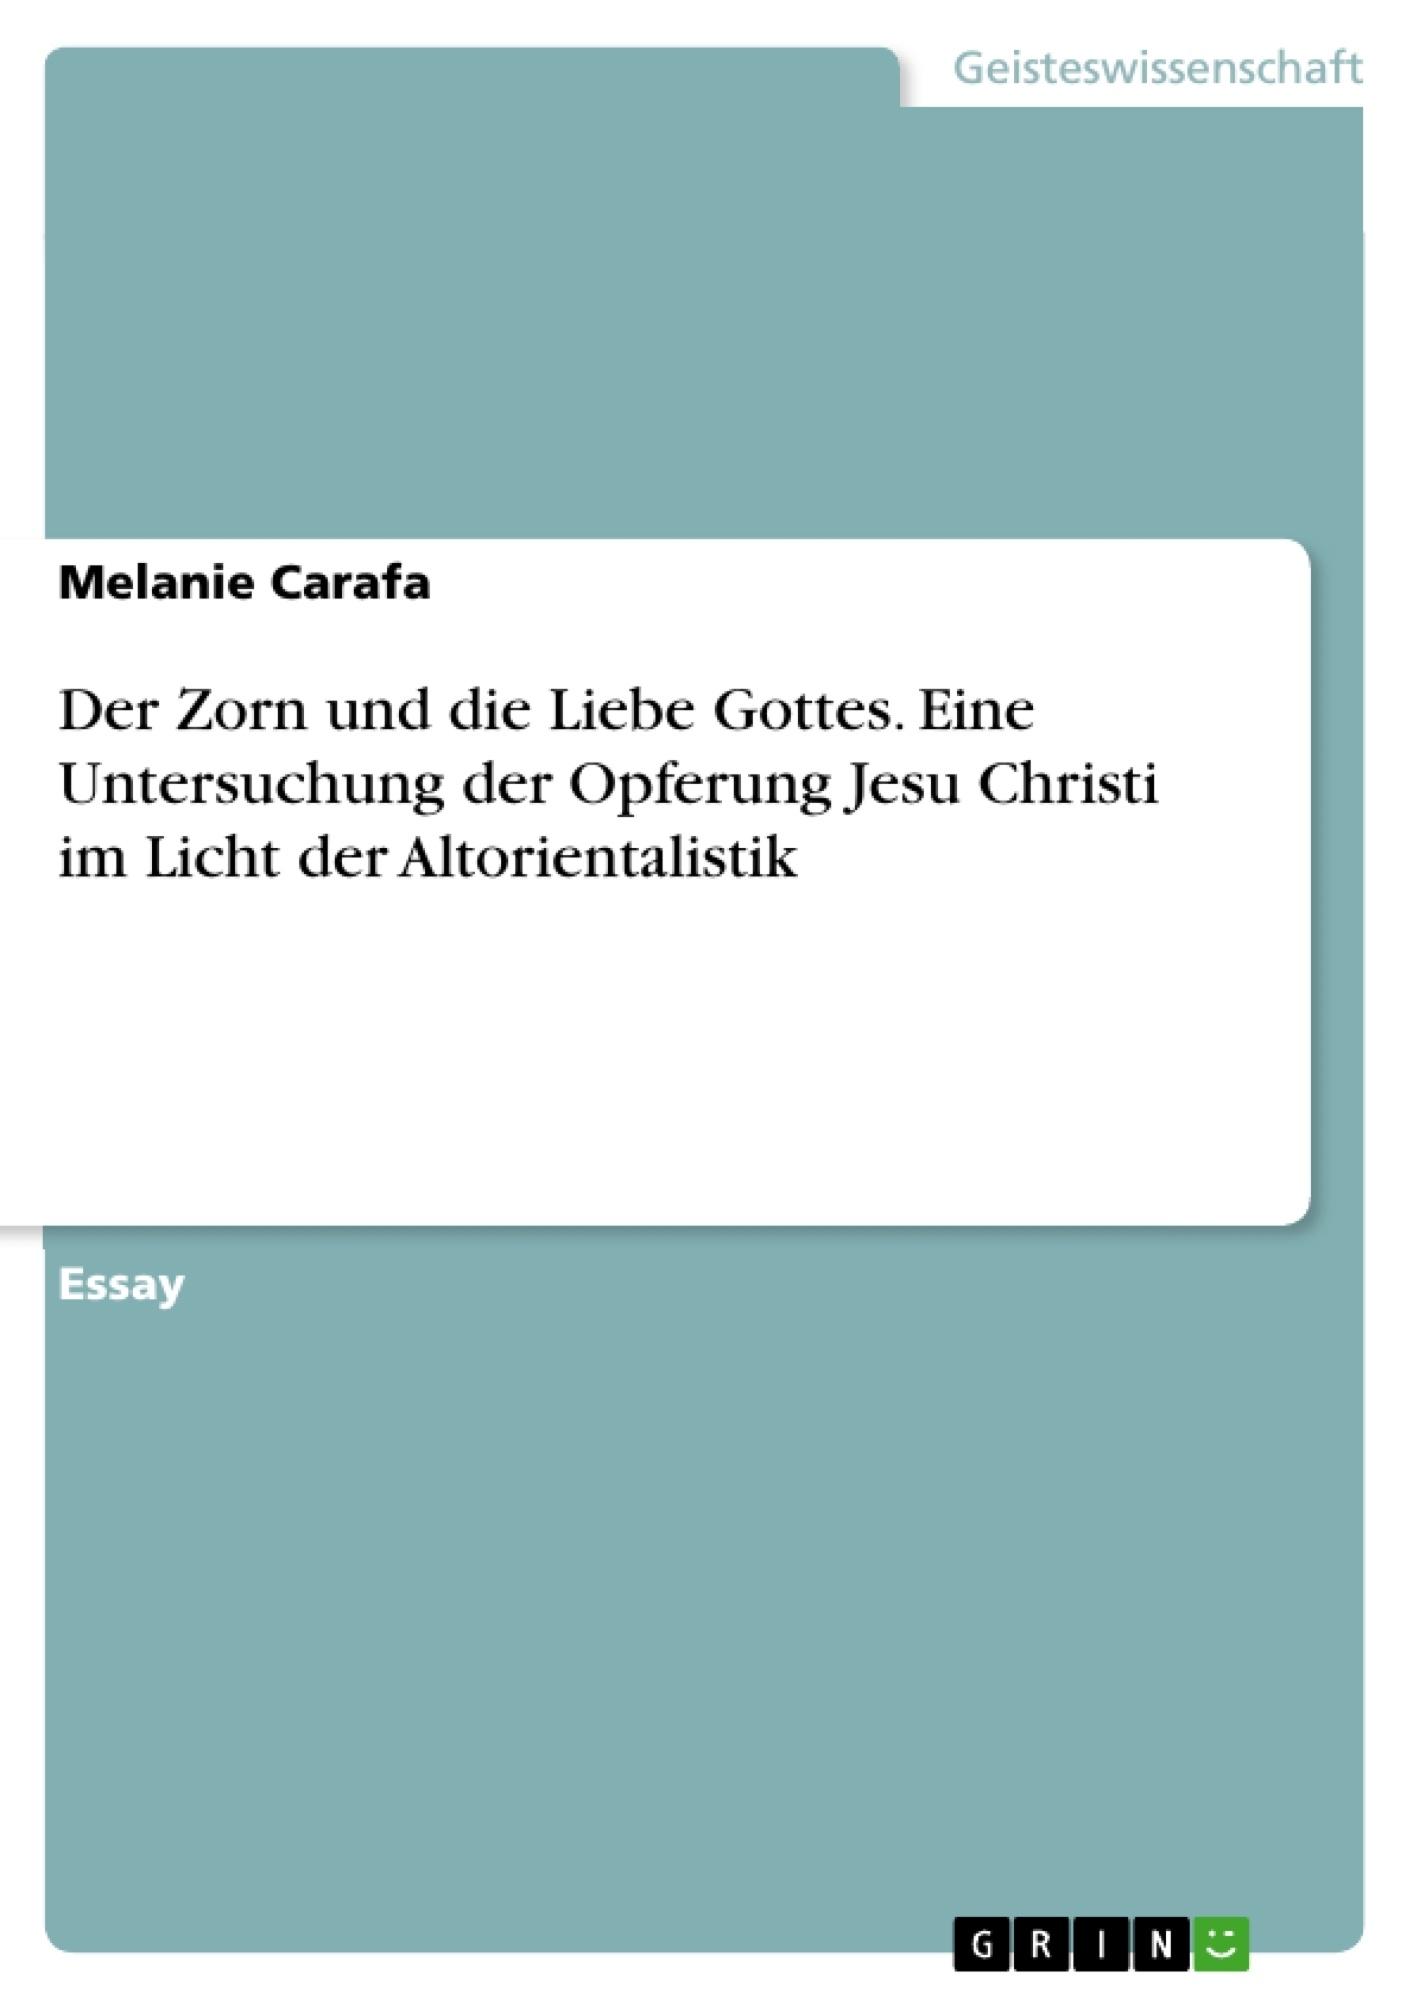 Titel: Der Zorn und die Liebe Gottes. Eine Untersuchung der Opferung Jesu Christi im Licht der Altorientalistik